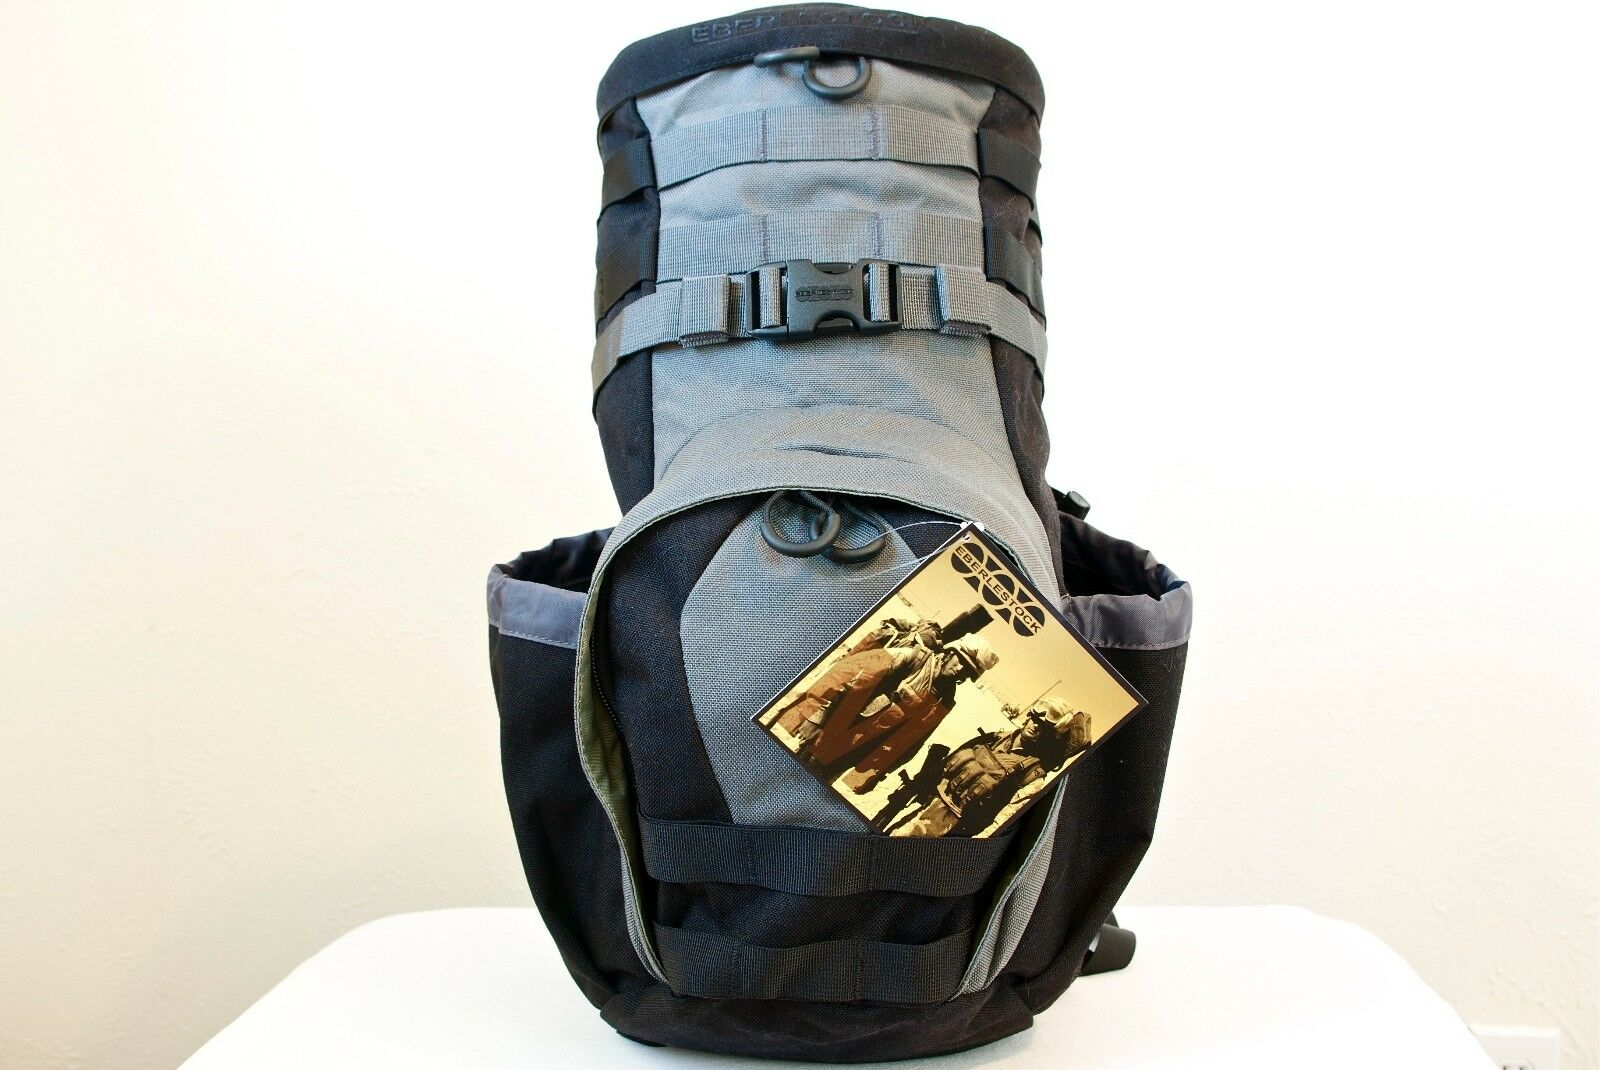 Eberlestock aserrada-off (H3) hydrobackpack Negro gris _ no vejiga Manguera de _ Nuevo con etiquetas